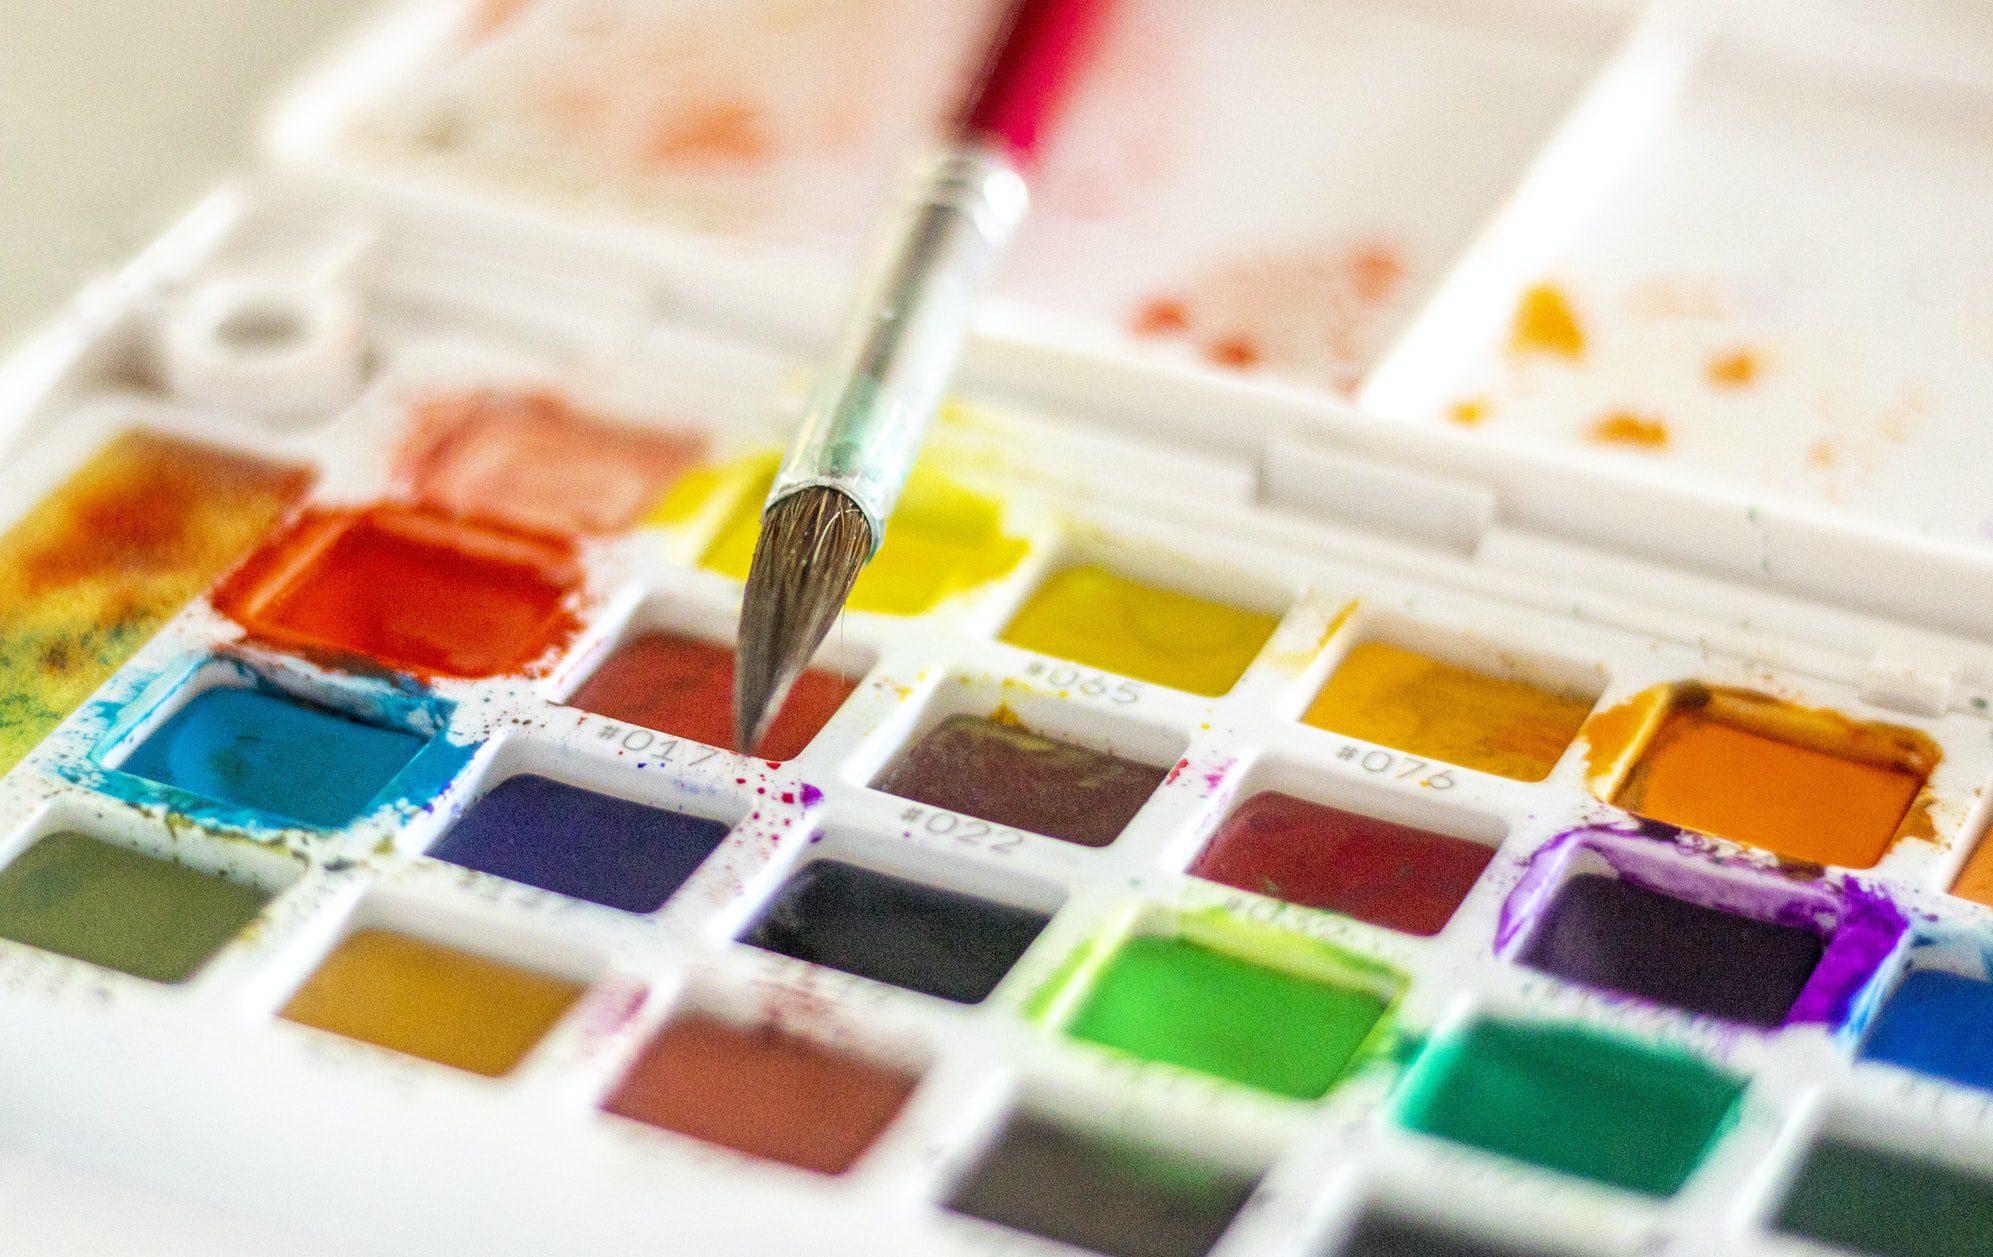 ทายนิสัย จากสีที่ชอบ เผยนิสัยได้หลายมุม